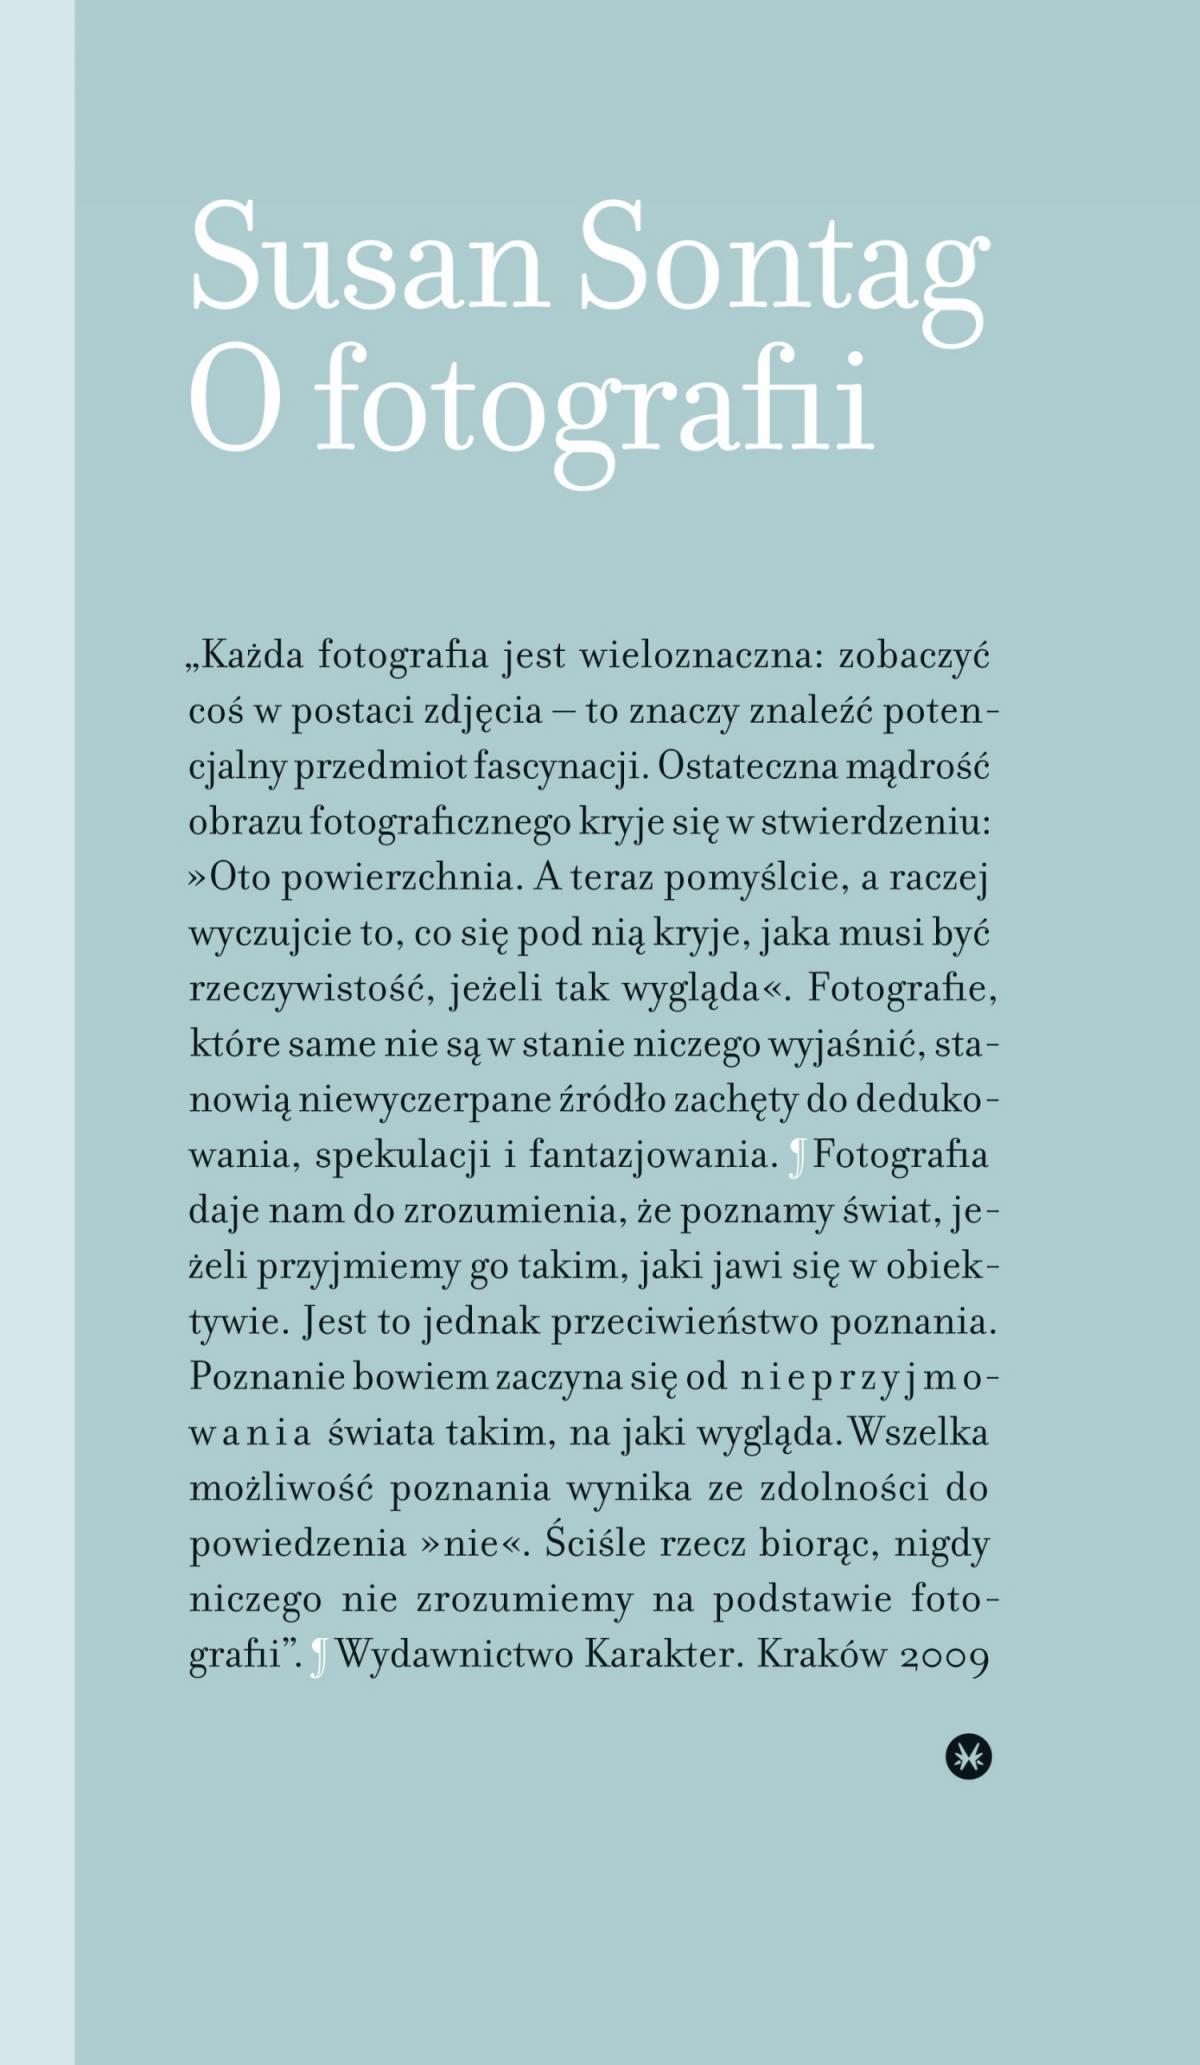 O fotografii - Ebook (Książka na Kindle) do pobrania w formacie MOBI